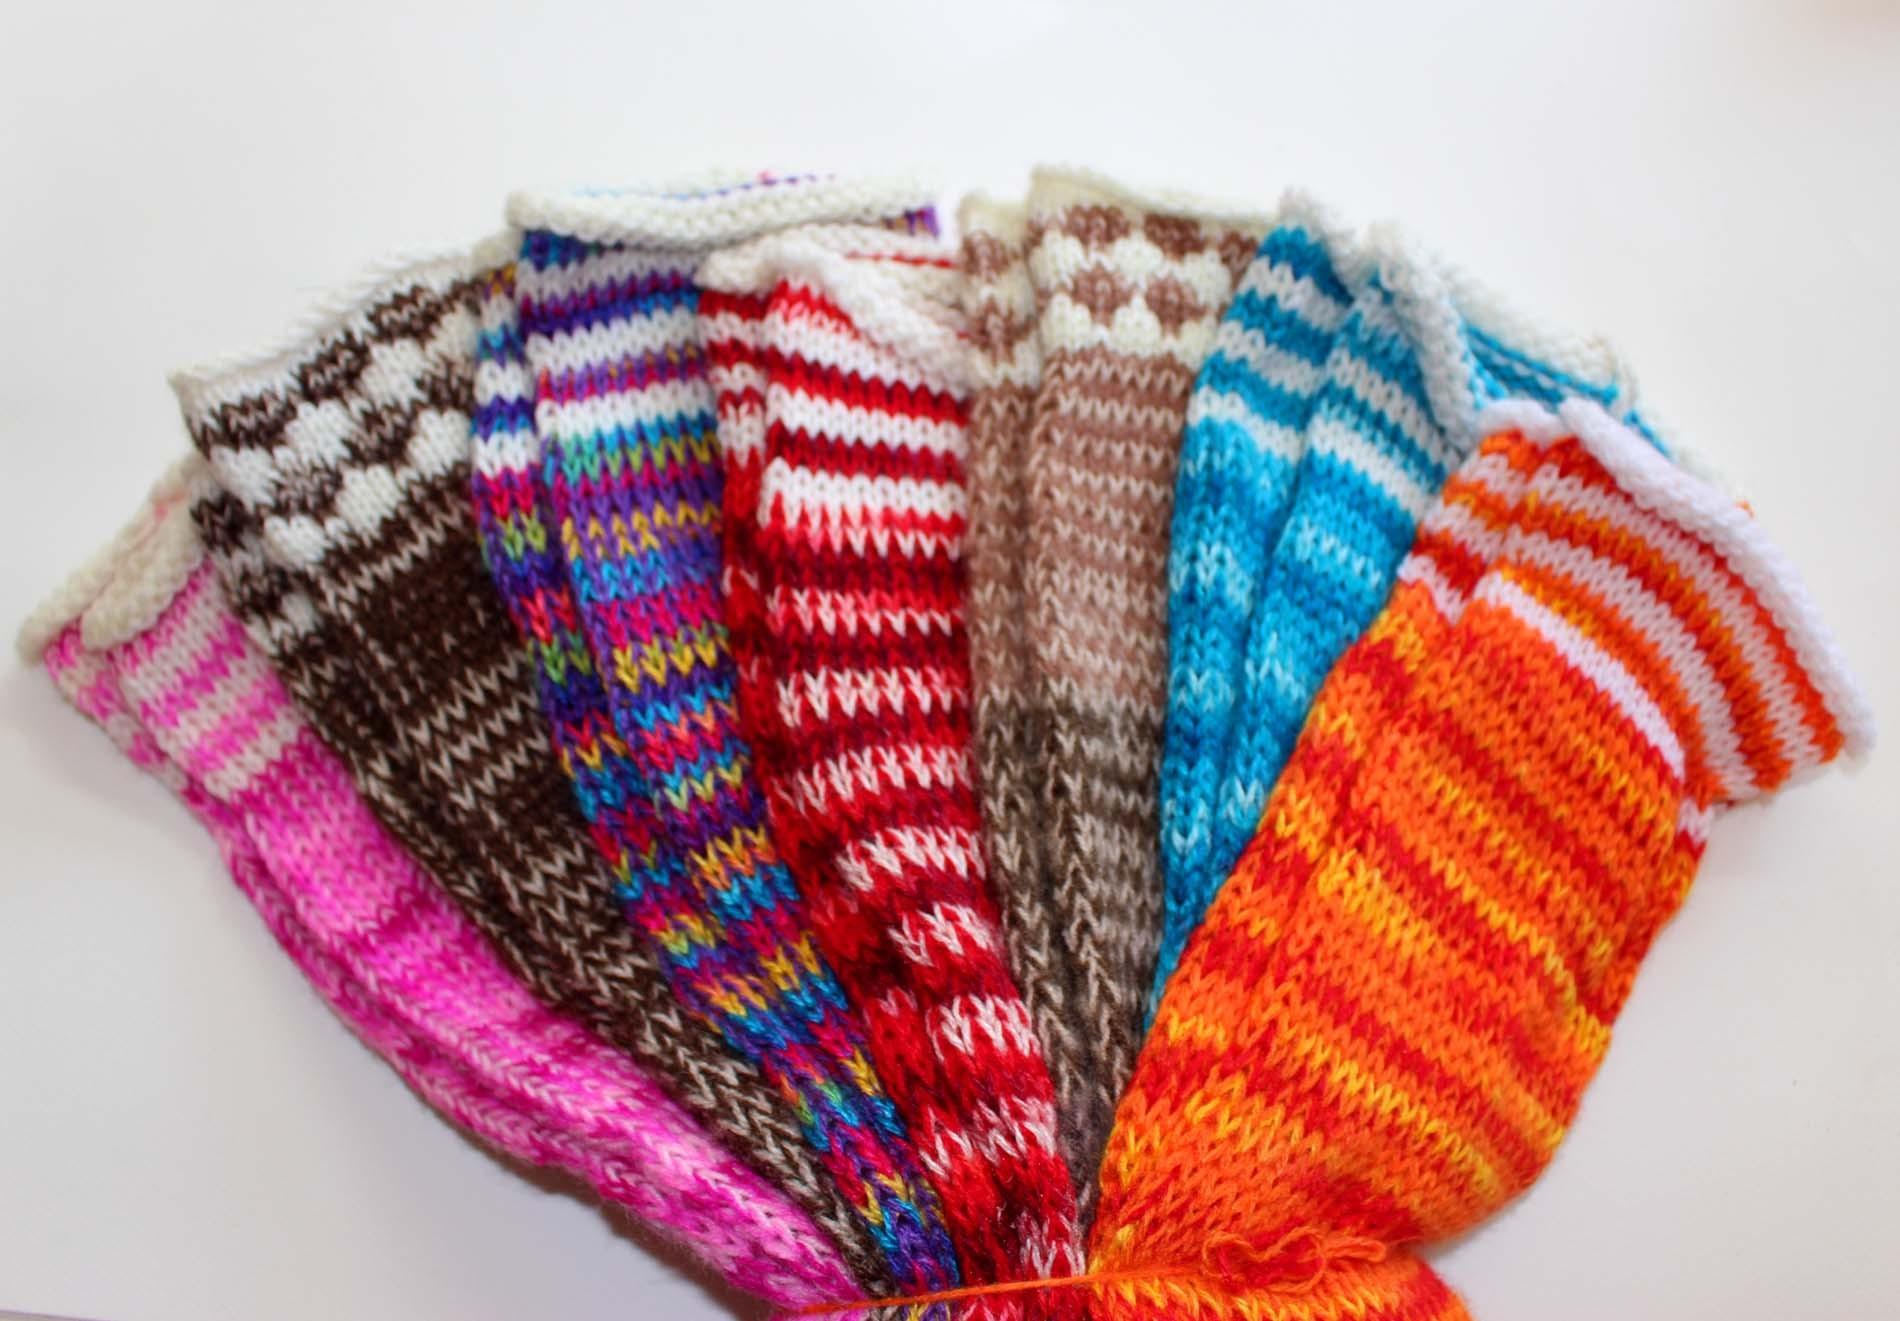 Guetres du Pérou en laine colorée en import direct à prix discount 0856072fcdf